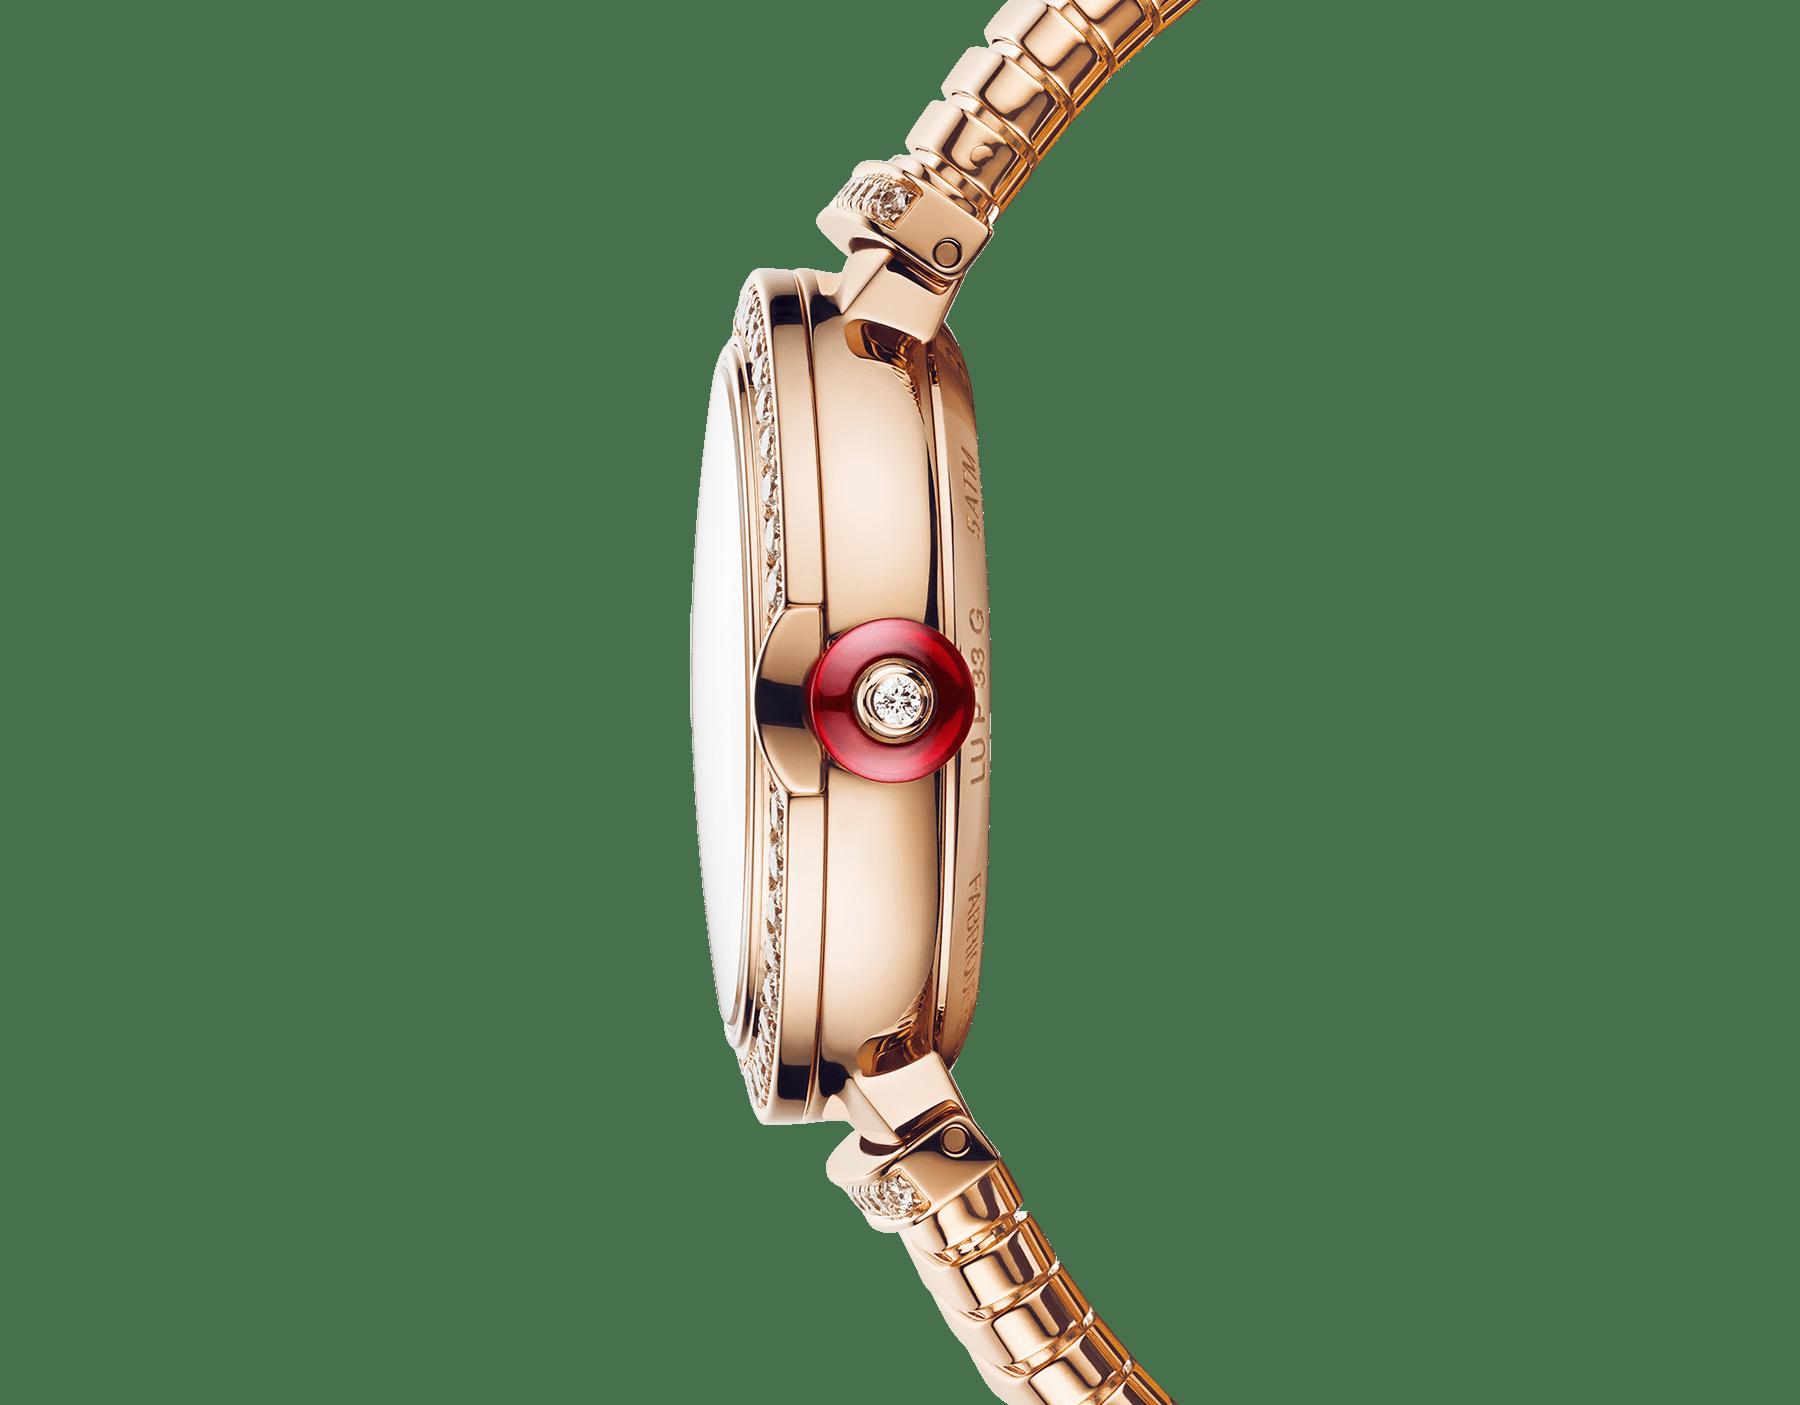 Montre LVCEA Tubogas avec boîtier en or rose 18K serti de diamants, cadran en nacre blanche, index sertis de diamants et bracelet Tubogas en or rose 18K 103034 image 3